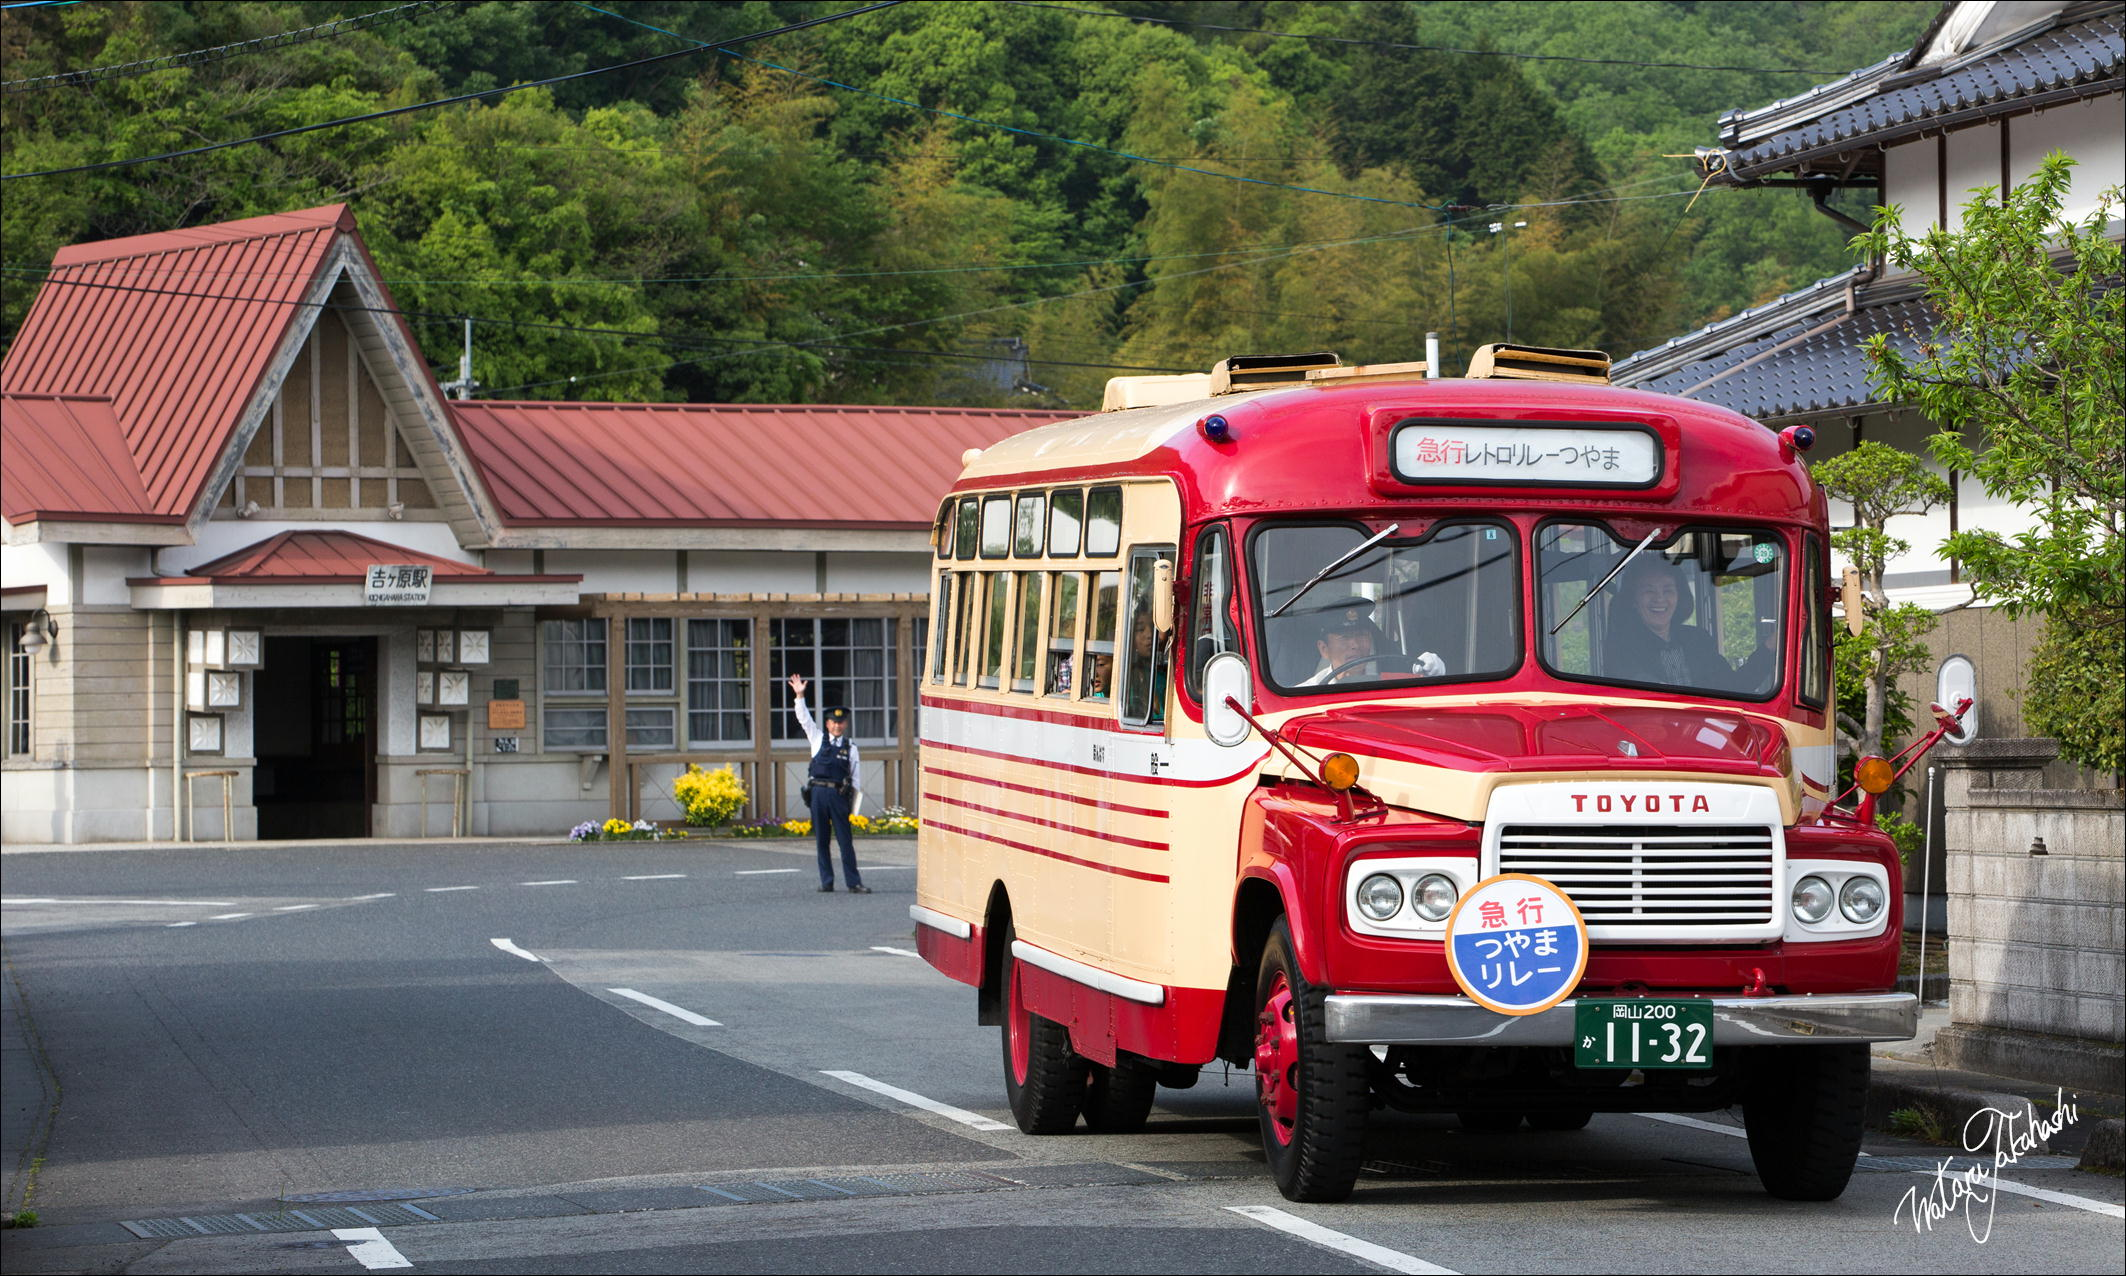 津山・美咲レトロリレーバス「ぼんばす」